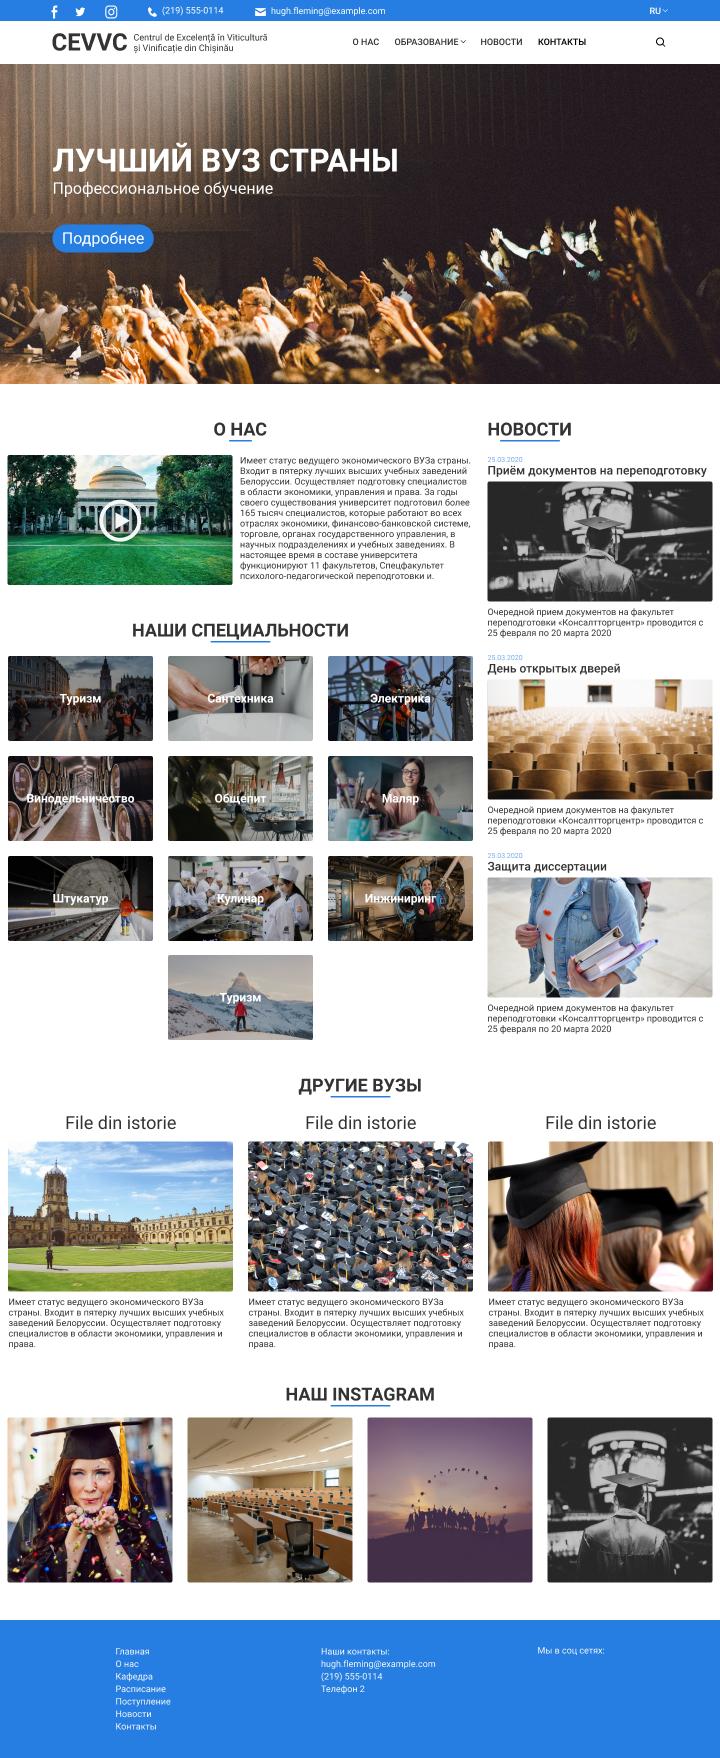 Разработка дизайна сайта колледжа фото f_0435e5d57e3d2a10.png